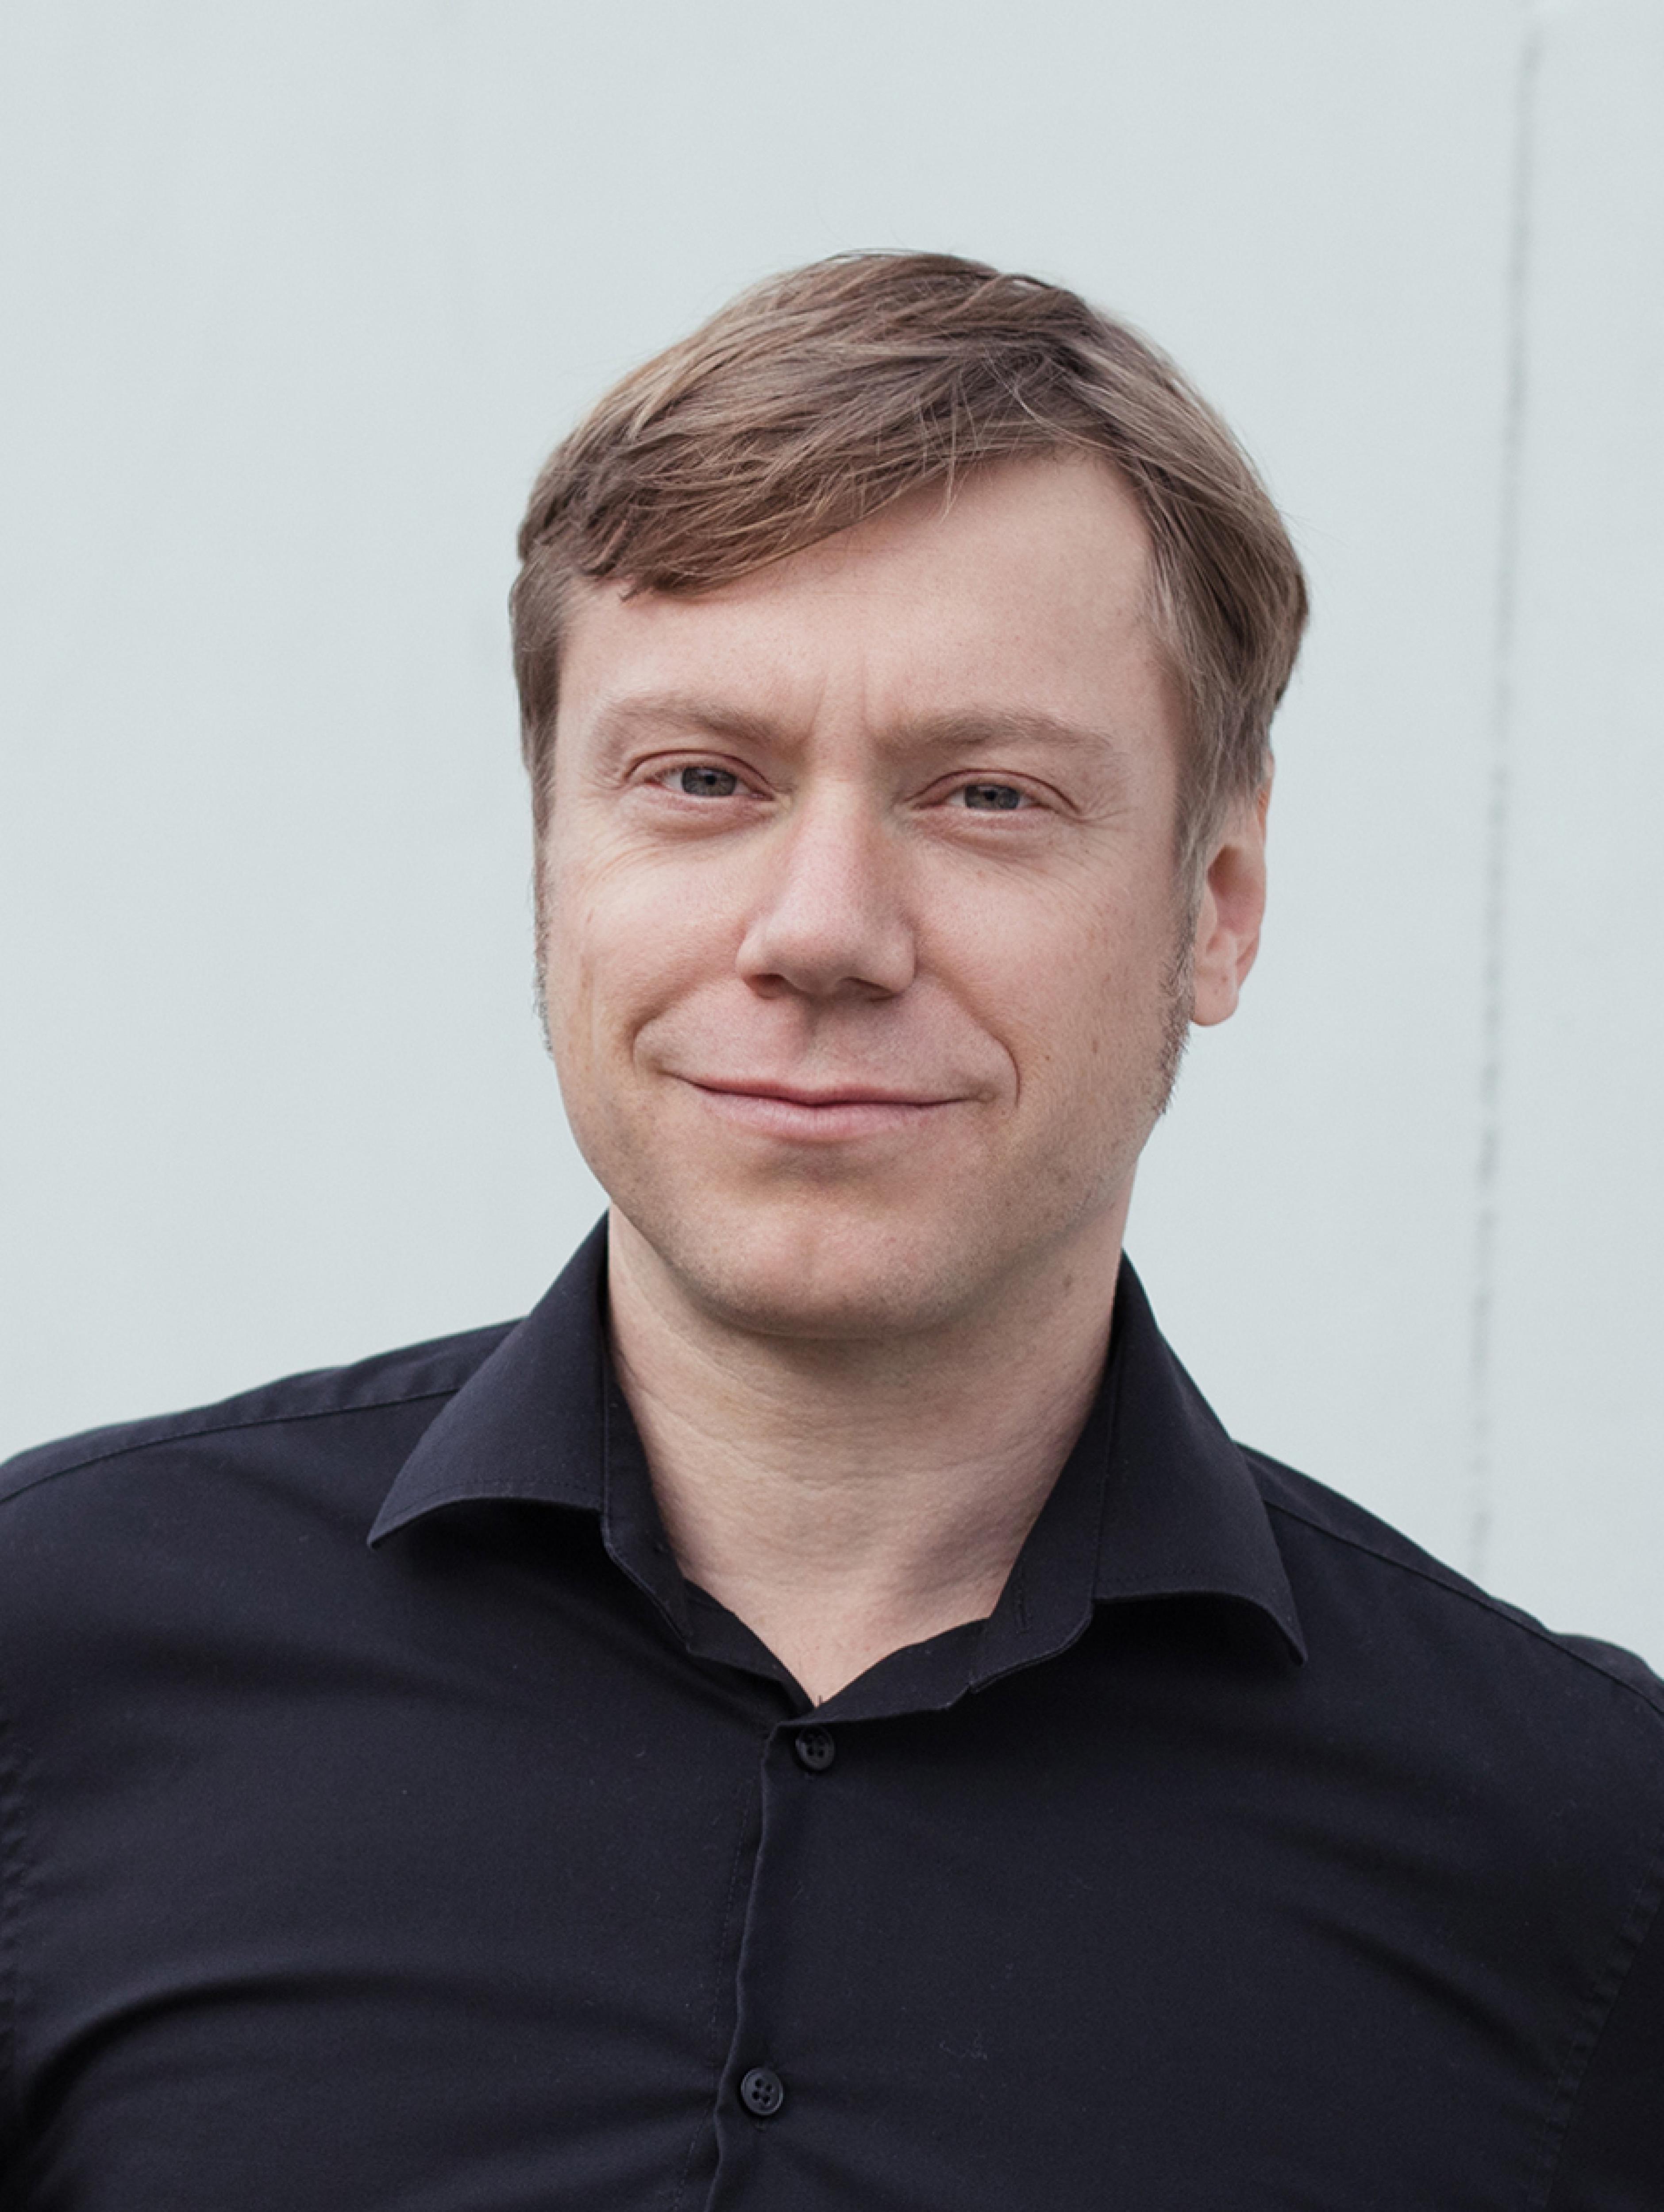 Martin Schirdewan, Mitglied des Europäischen Parlaments